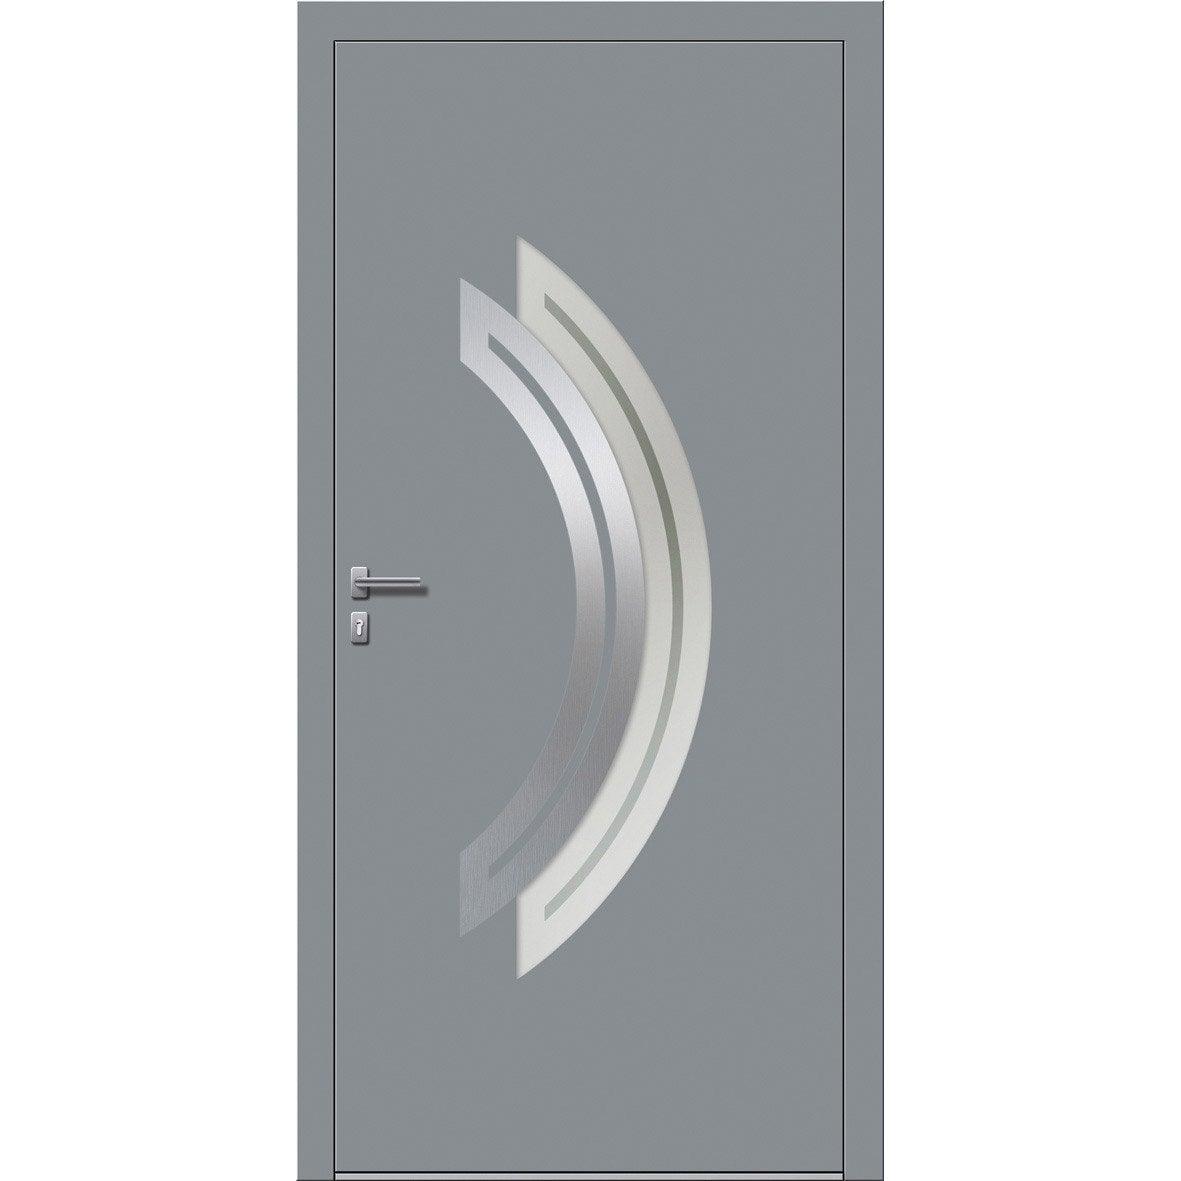 Porte d 39 entr e sur mesure en aluminium maeva excellence leroy merlin - Porte d entree leroy merlin ...